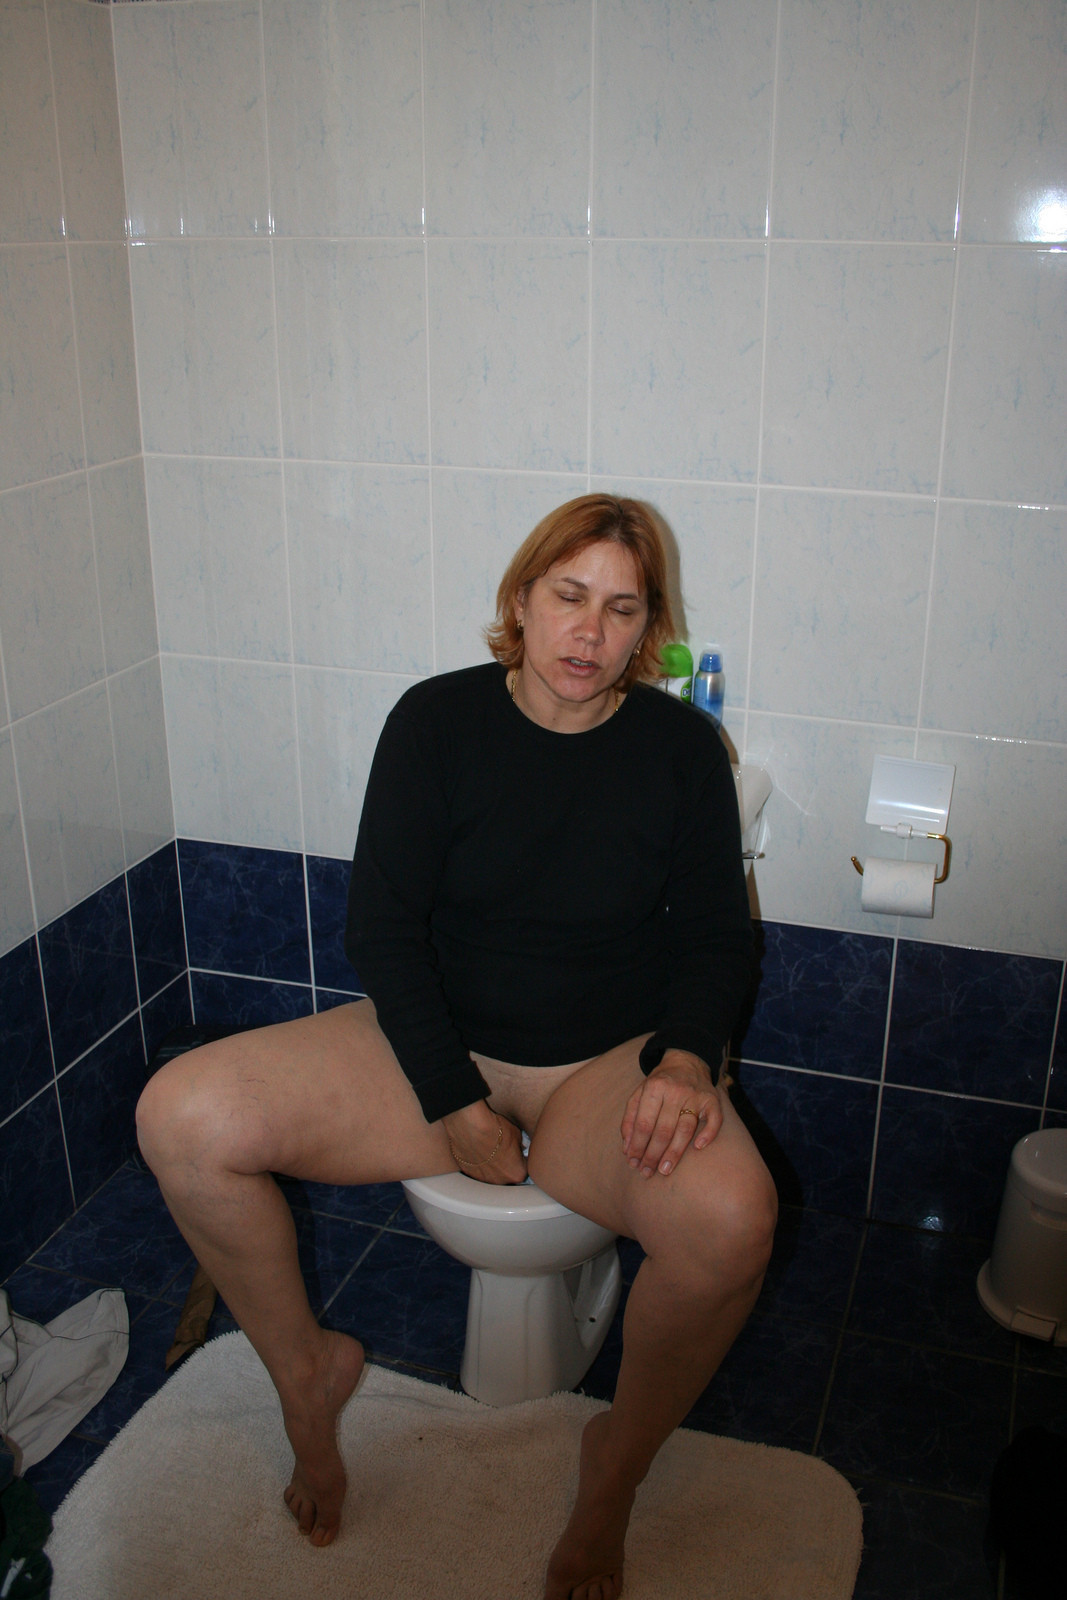 женщина в возрасте в туалете особого труда